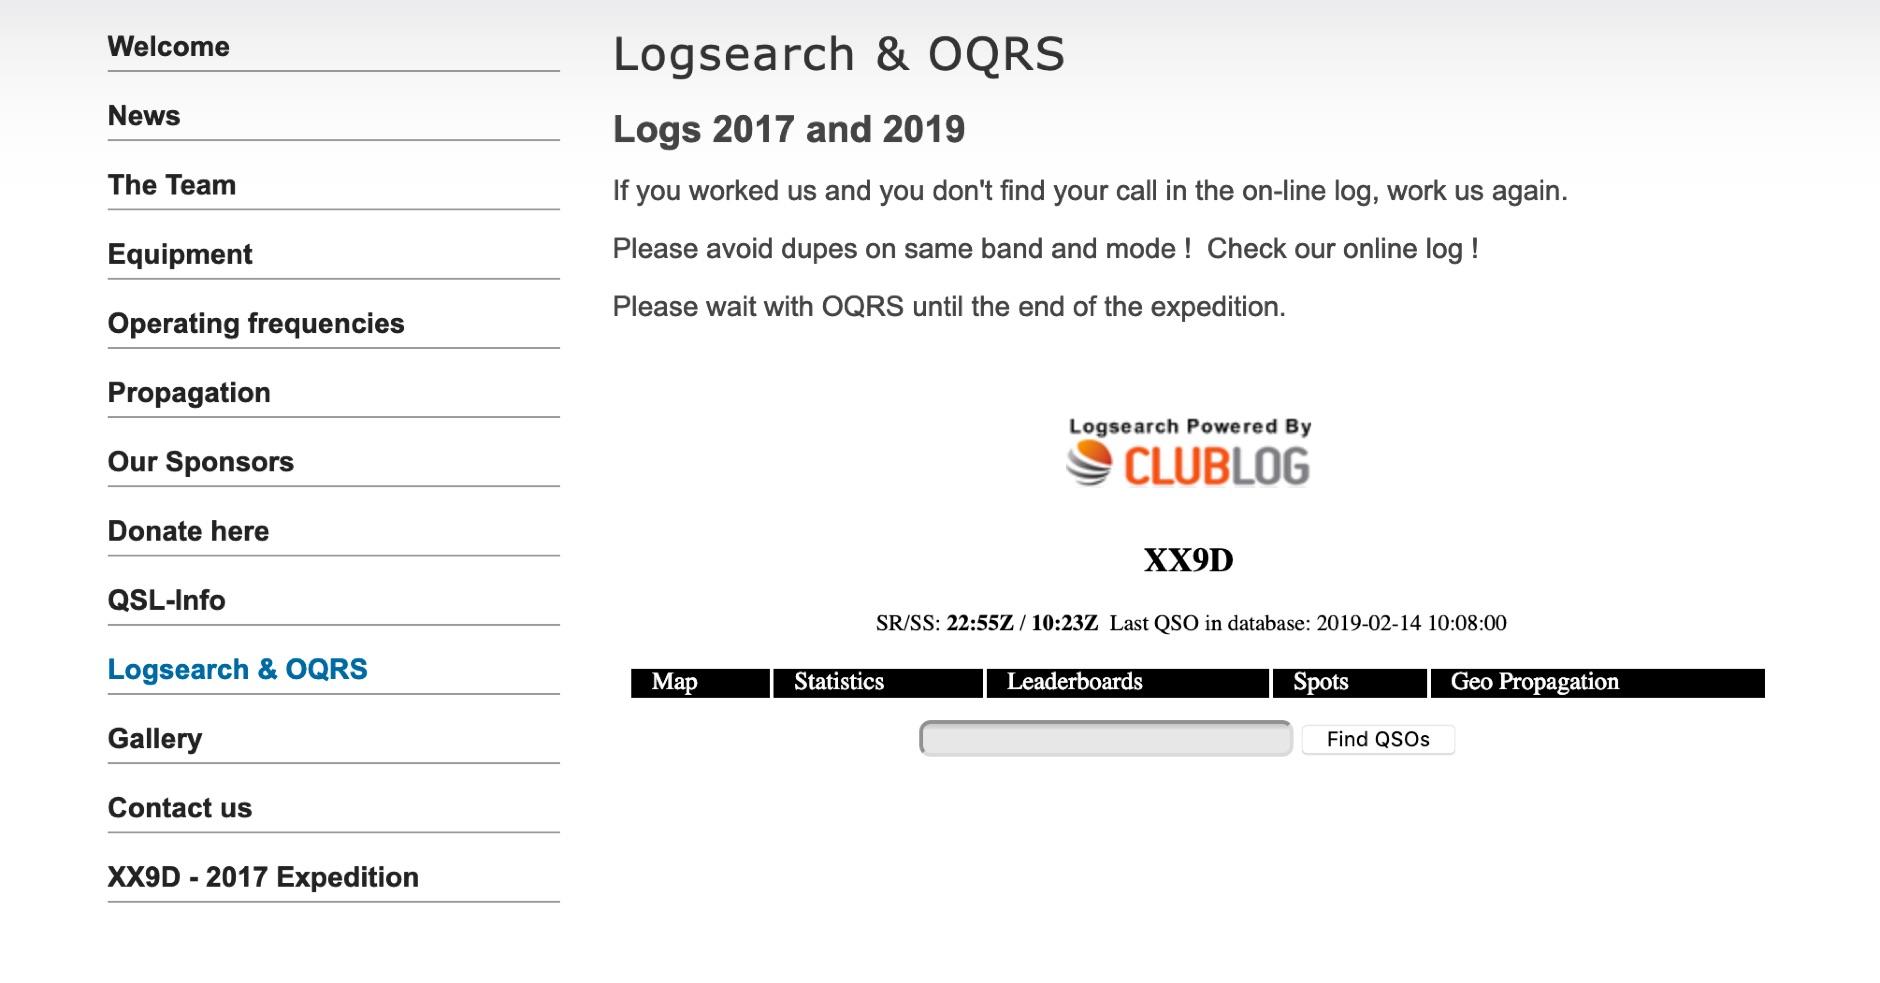 XX9D Log Online